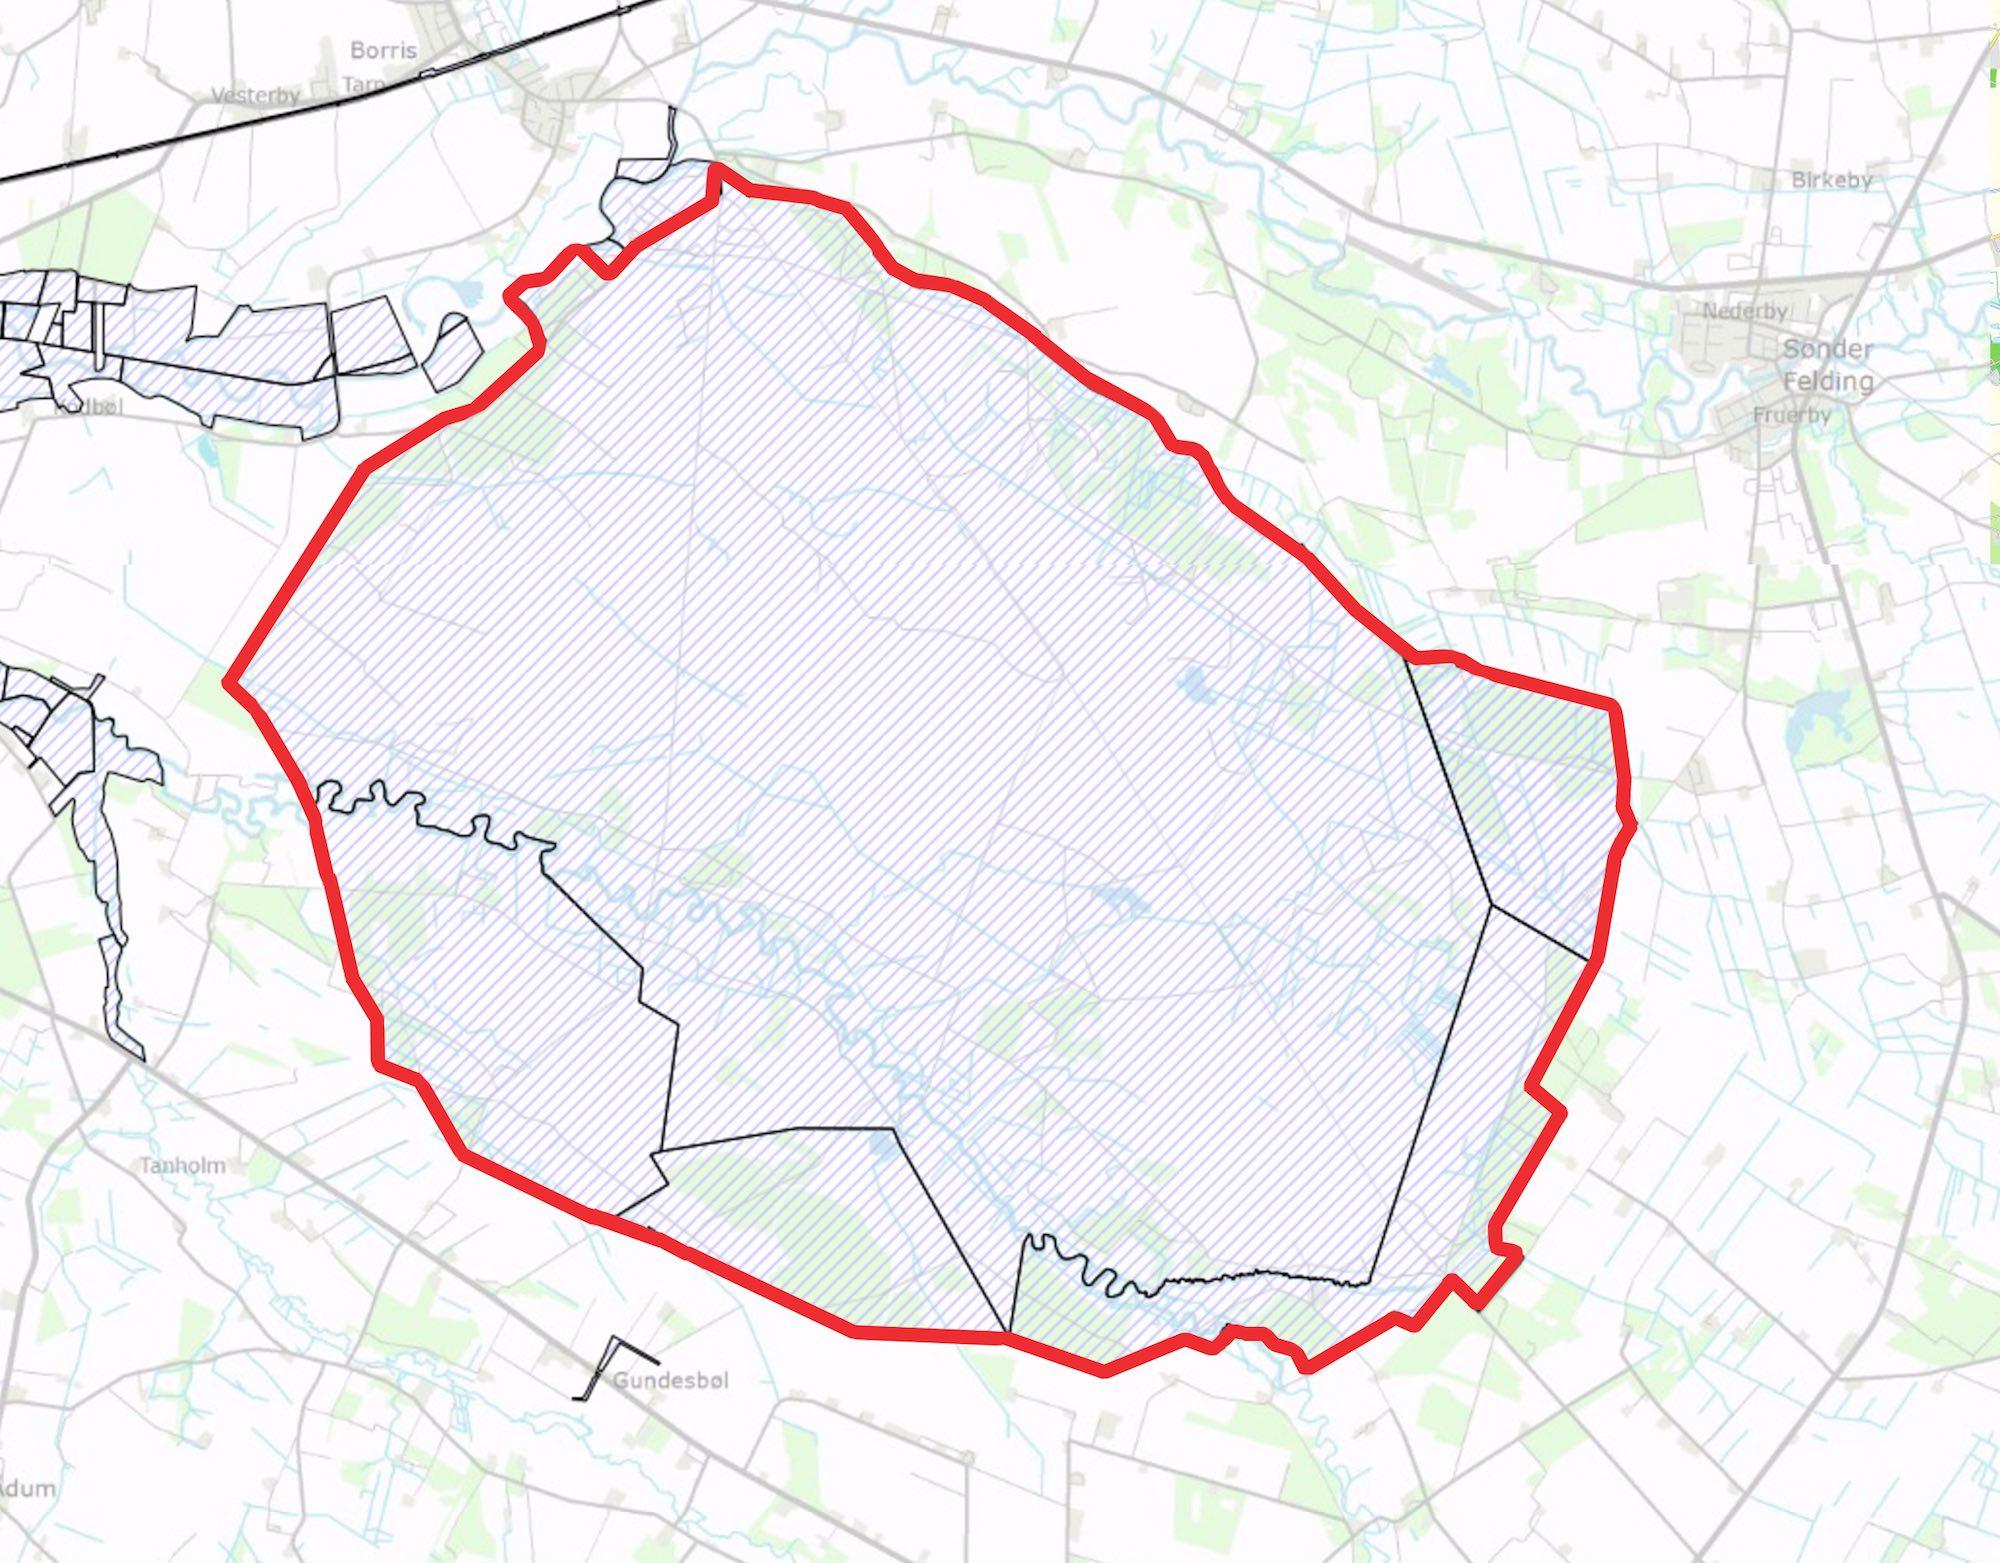 Hele den foreslåede afgrænsning af Naturnationalpark Borris er ejet af staten, nærmere bestemt af Forsvarsministeriet.